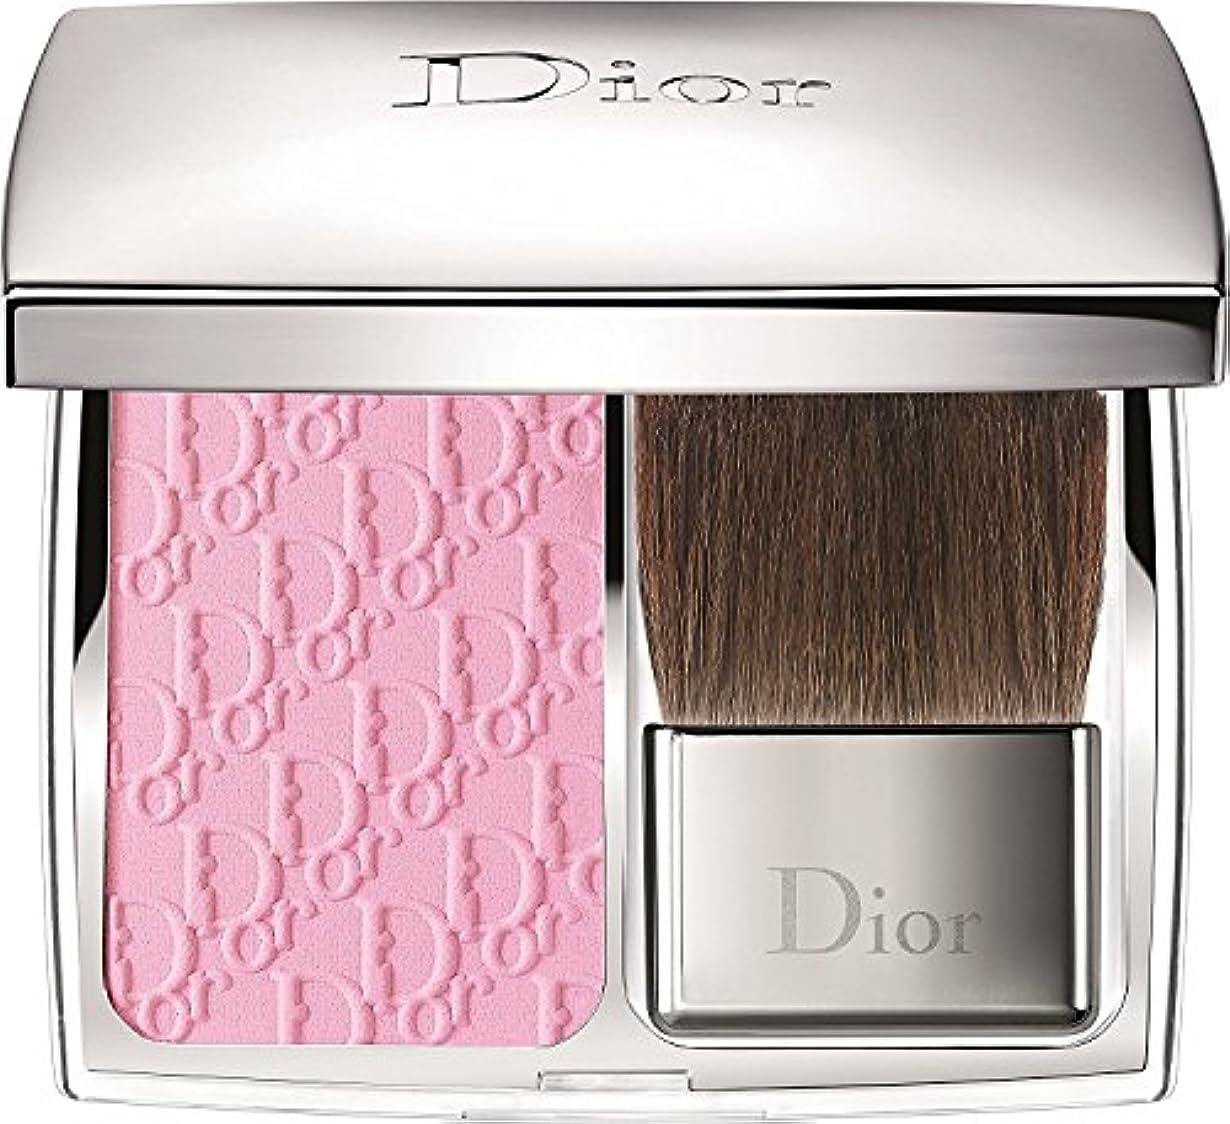 祖先吹雪歯痛クリスチャン ディオール Christian Dior ディオールスキン ロージー グロウ 001